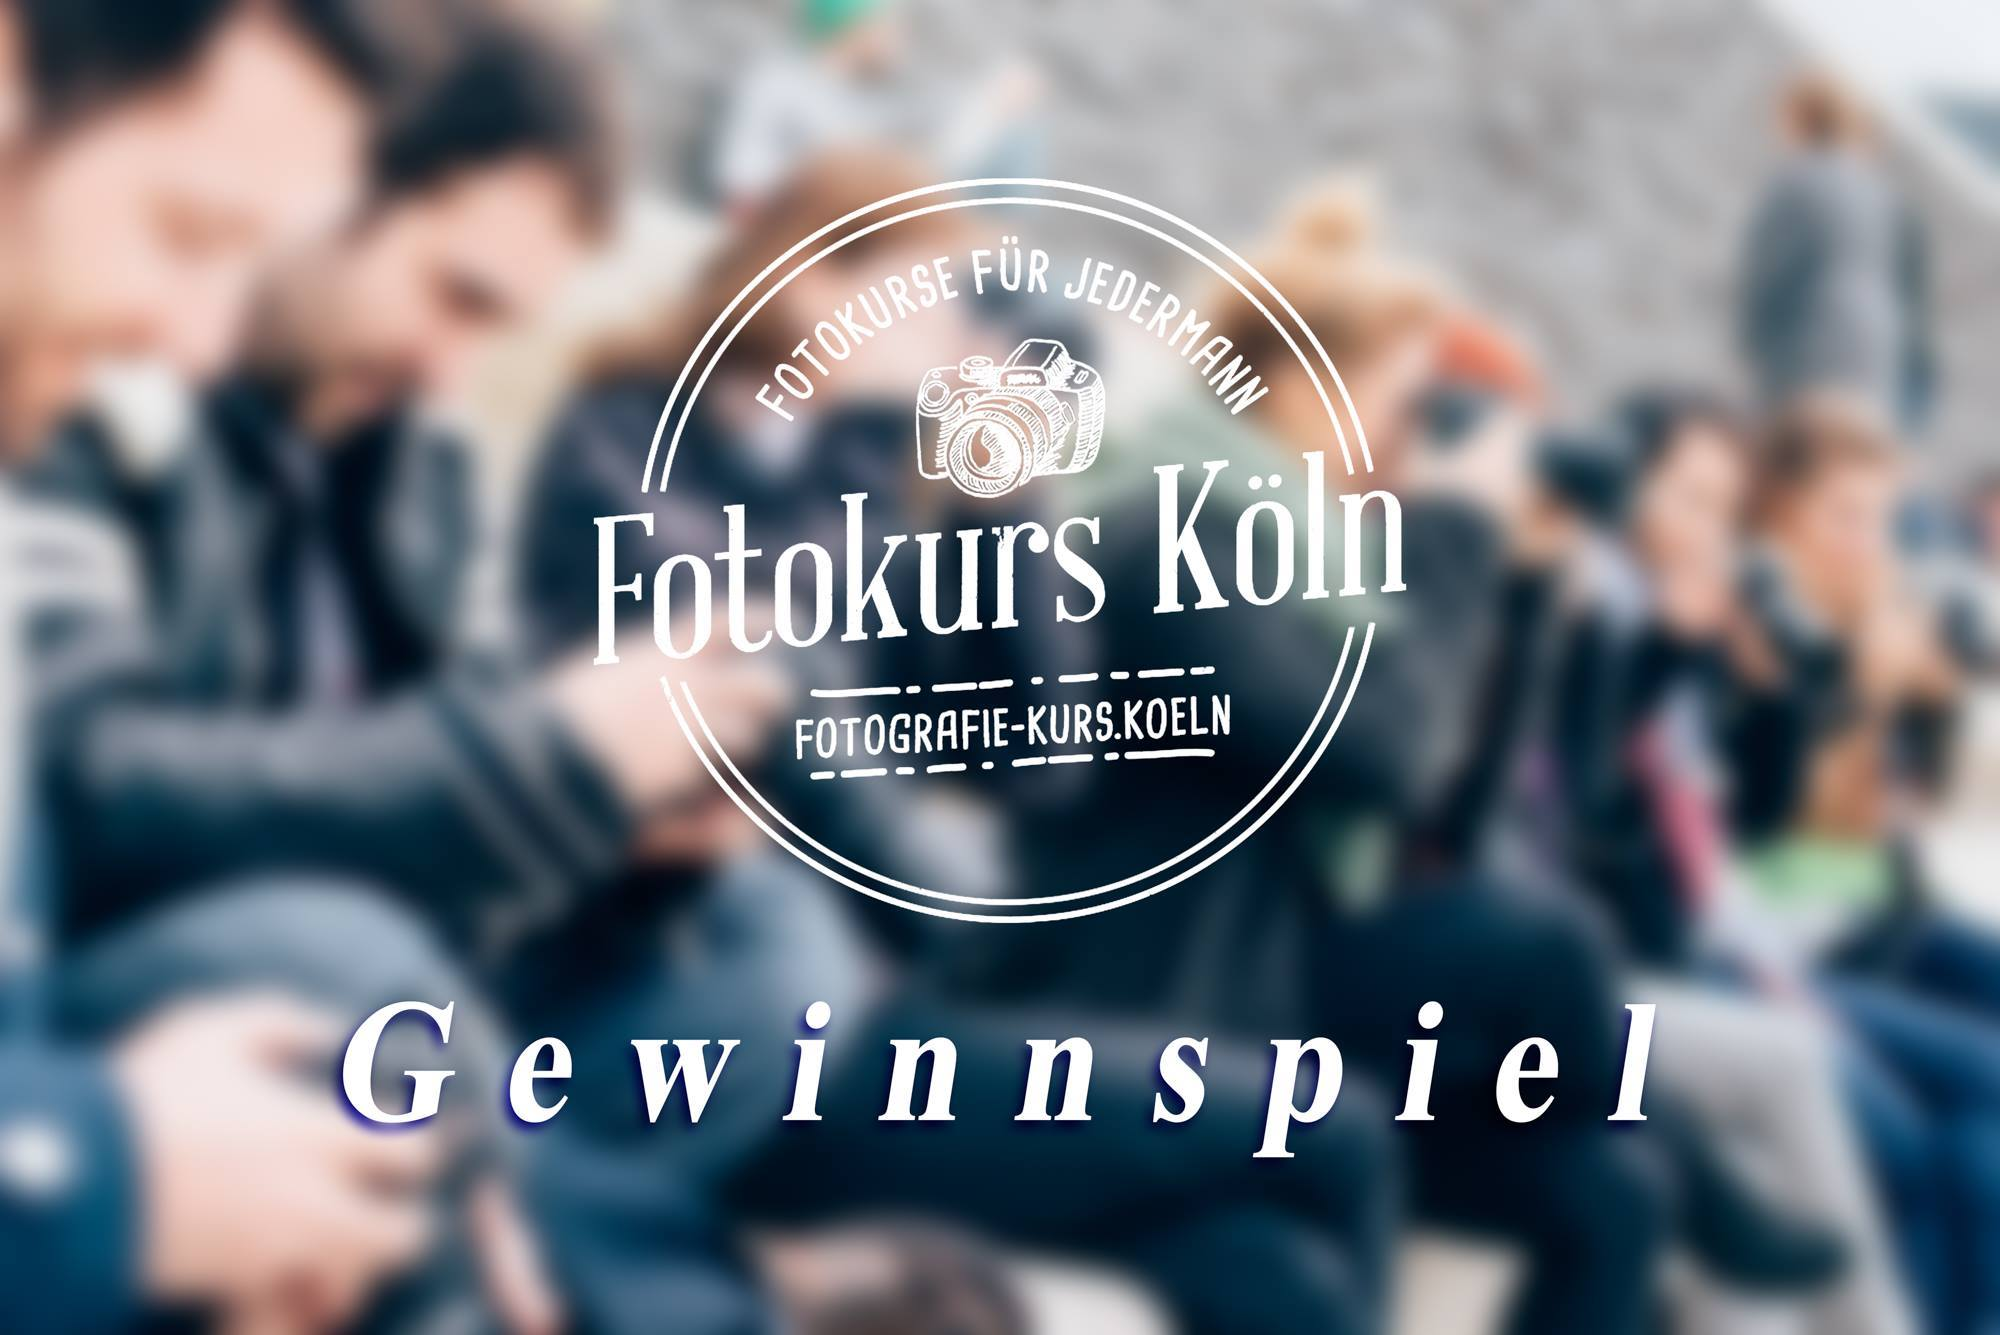 Gewinnspiel Fotokurs in Köln